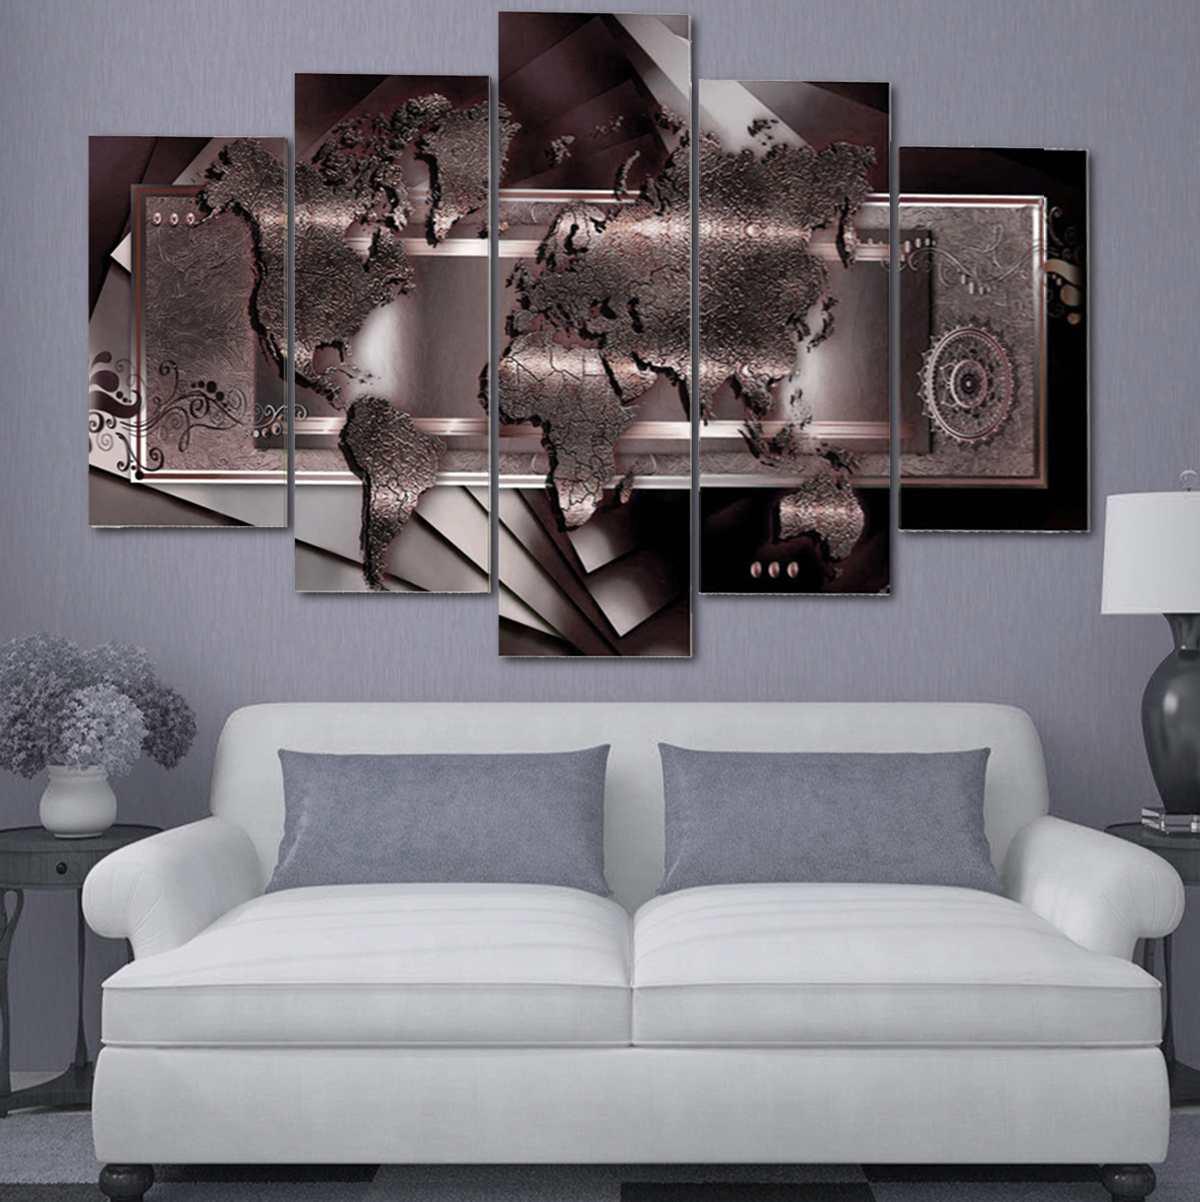 5 pièces abstrait imprimé toile peinture mur Art imprime affiche salon décor marron monde carte